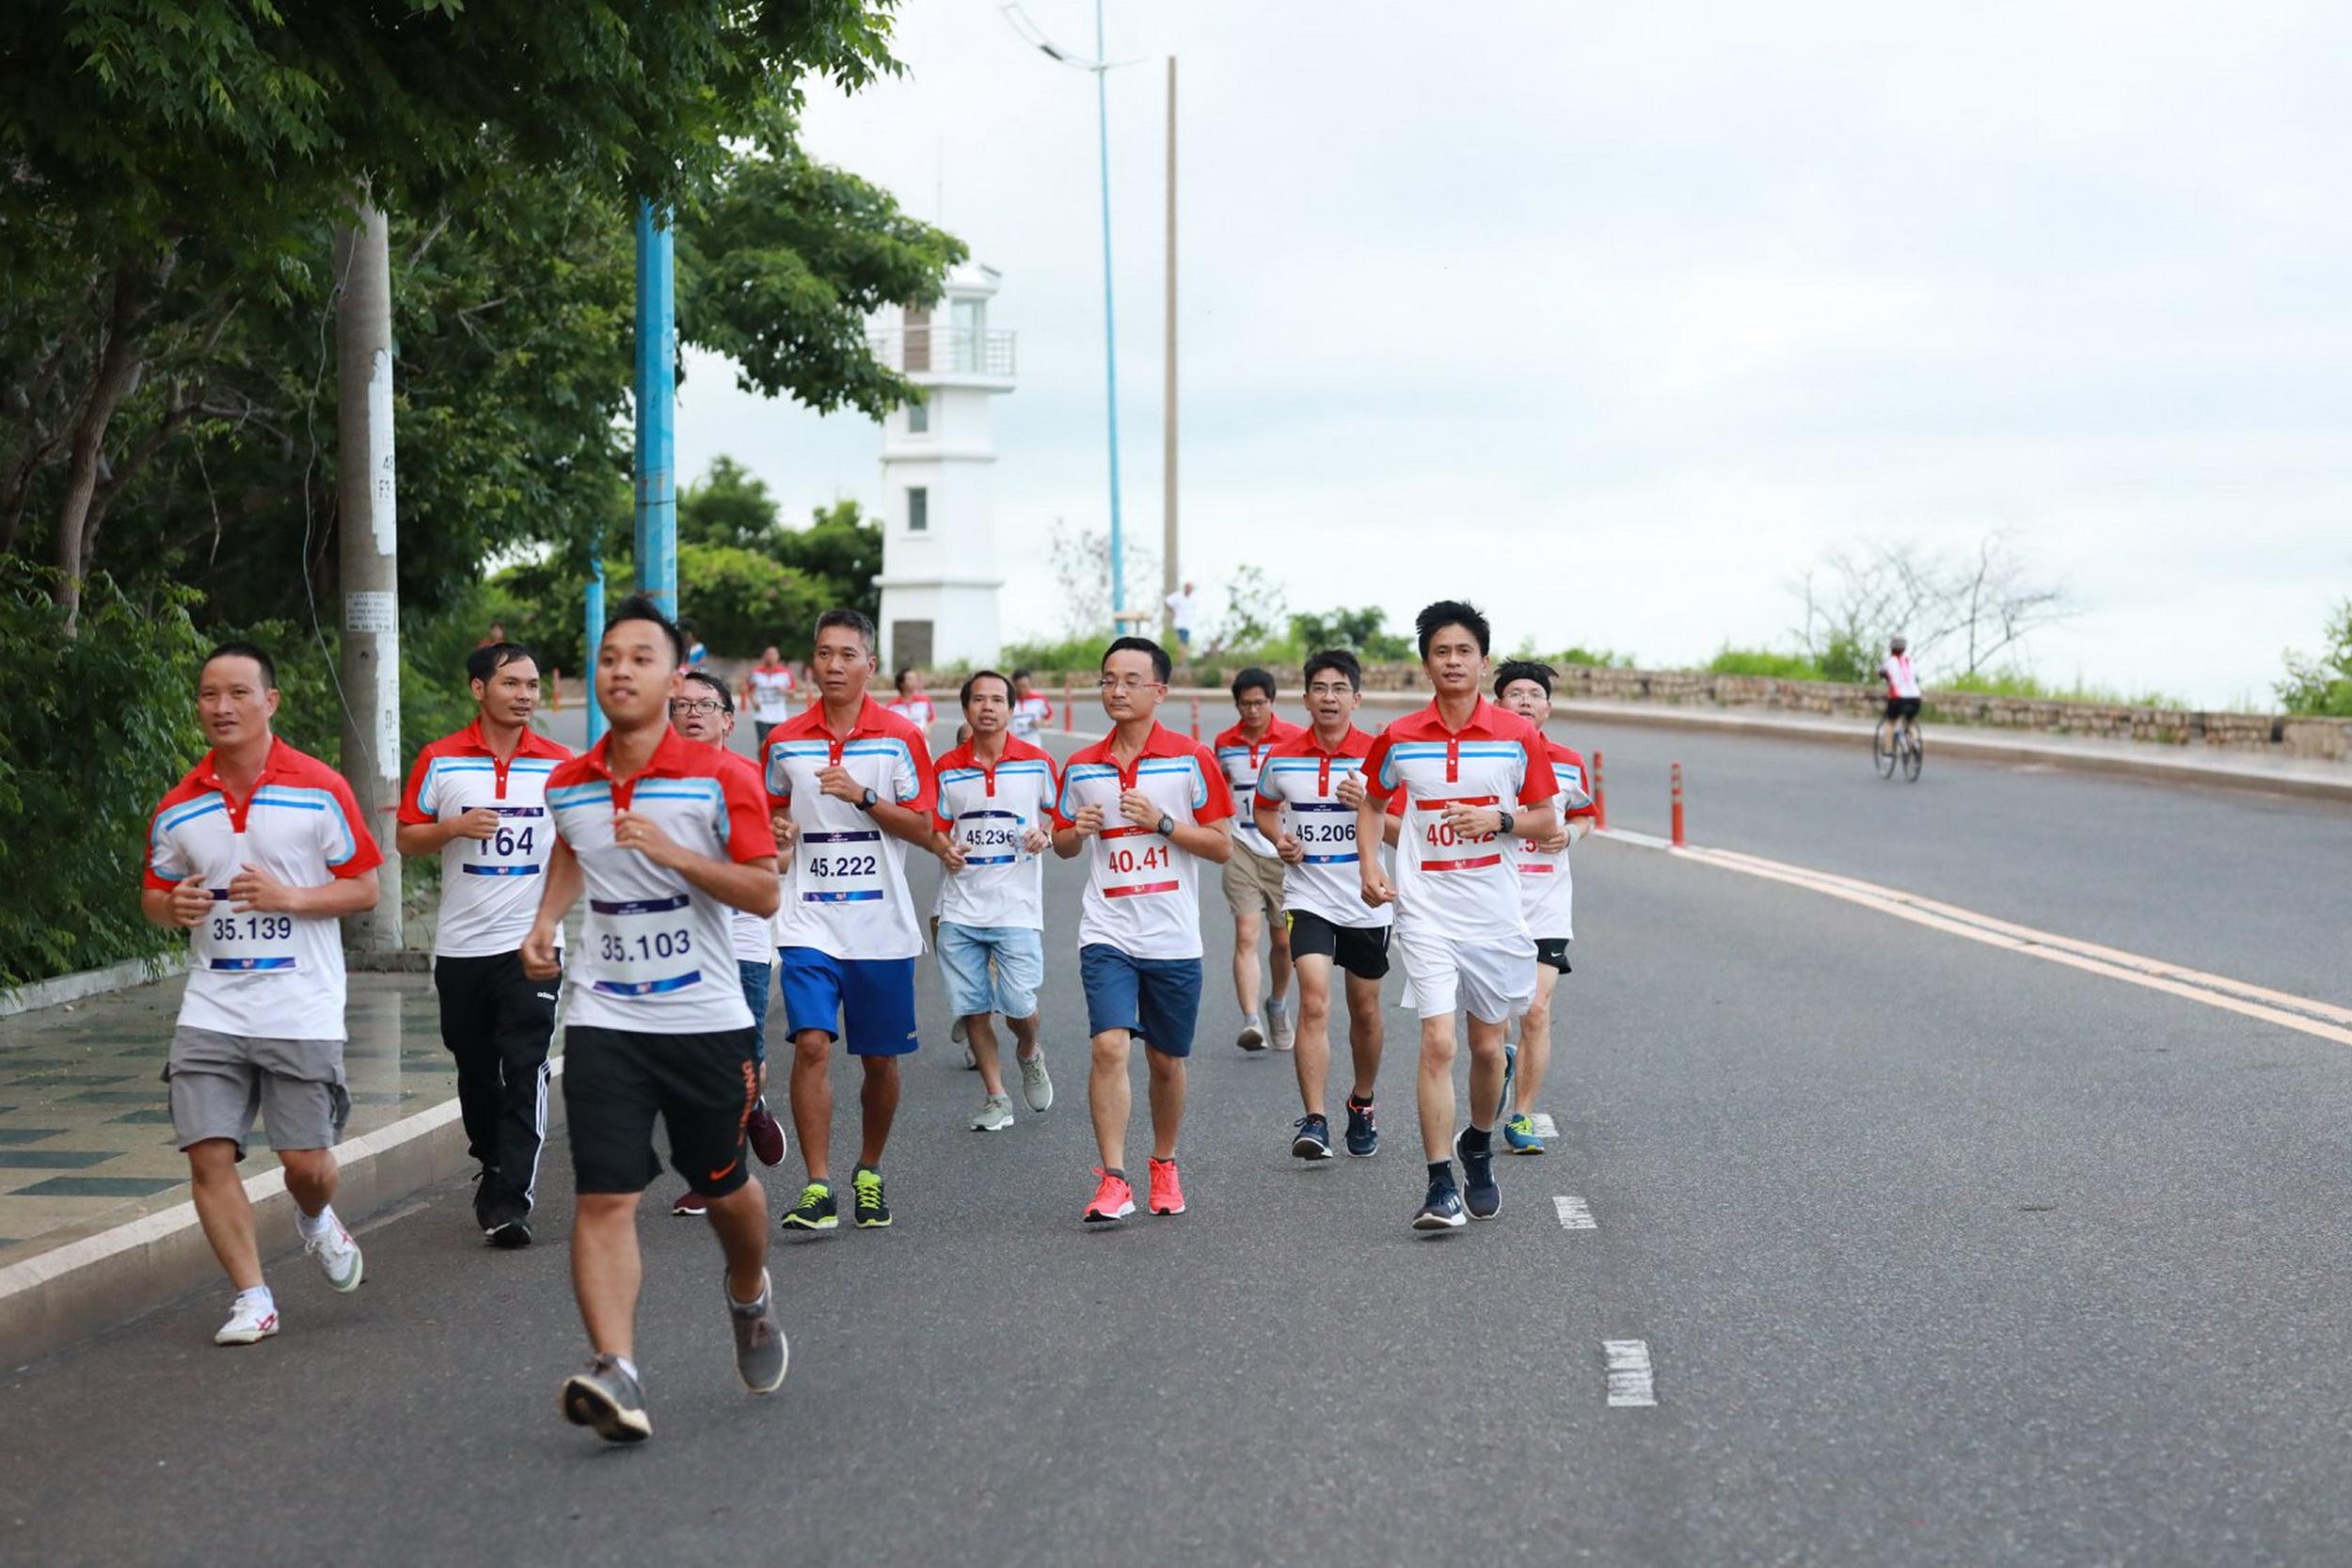 Các giải chạy hàng năm đã được KVT duy trì nhiều năm qua